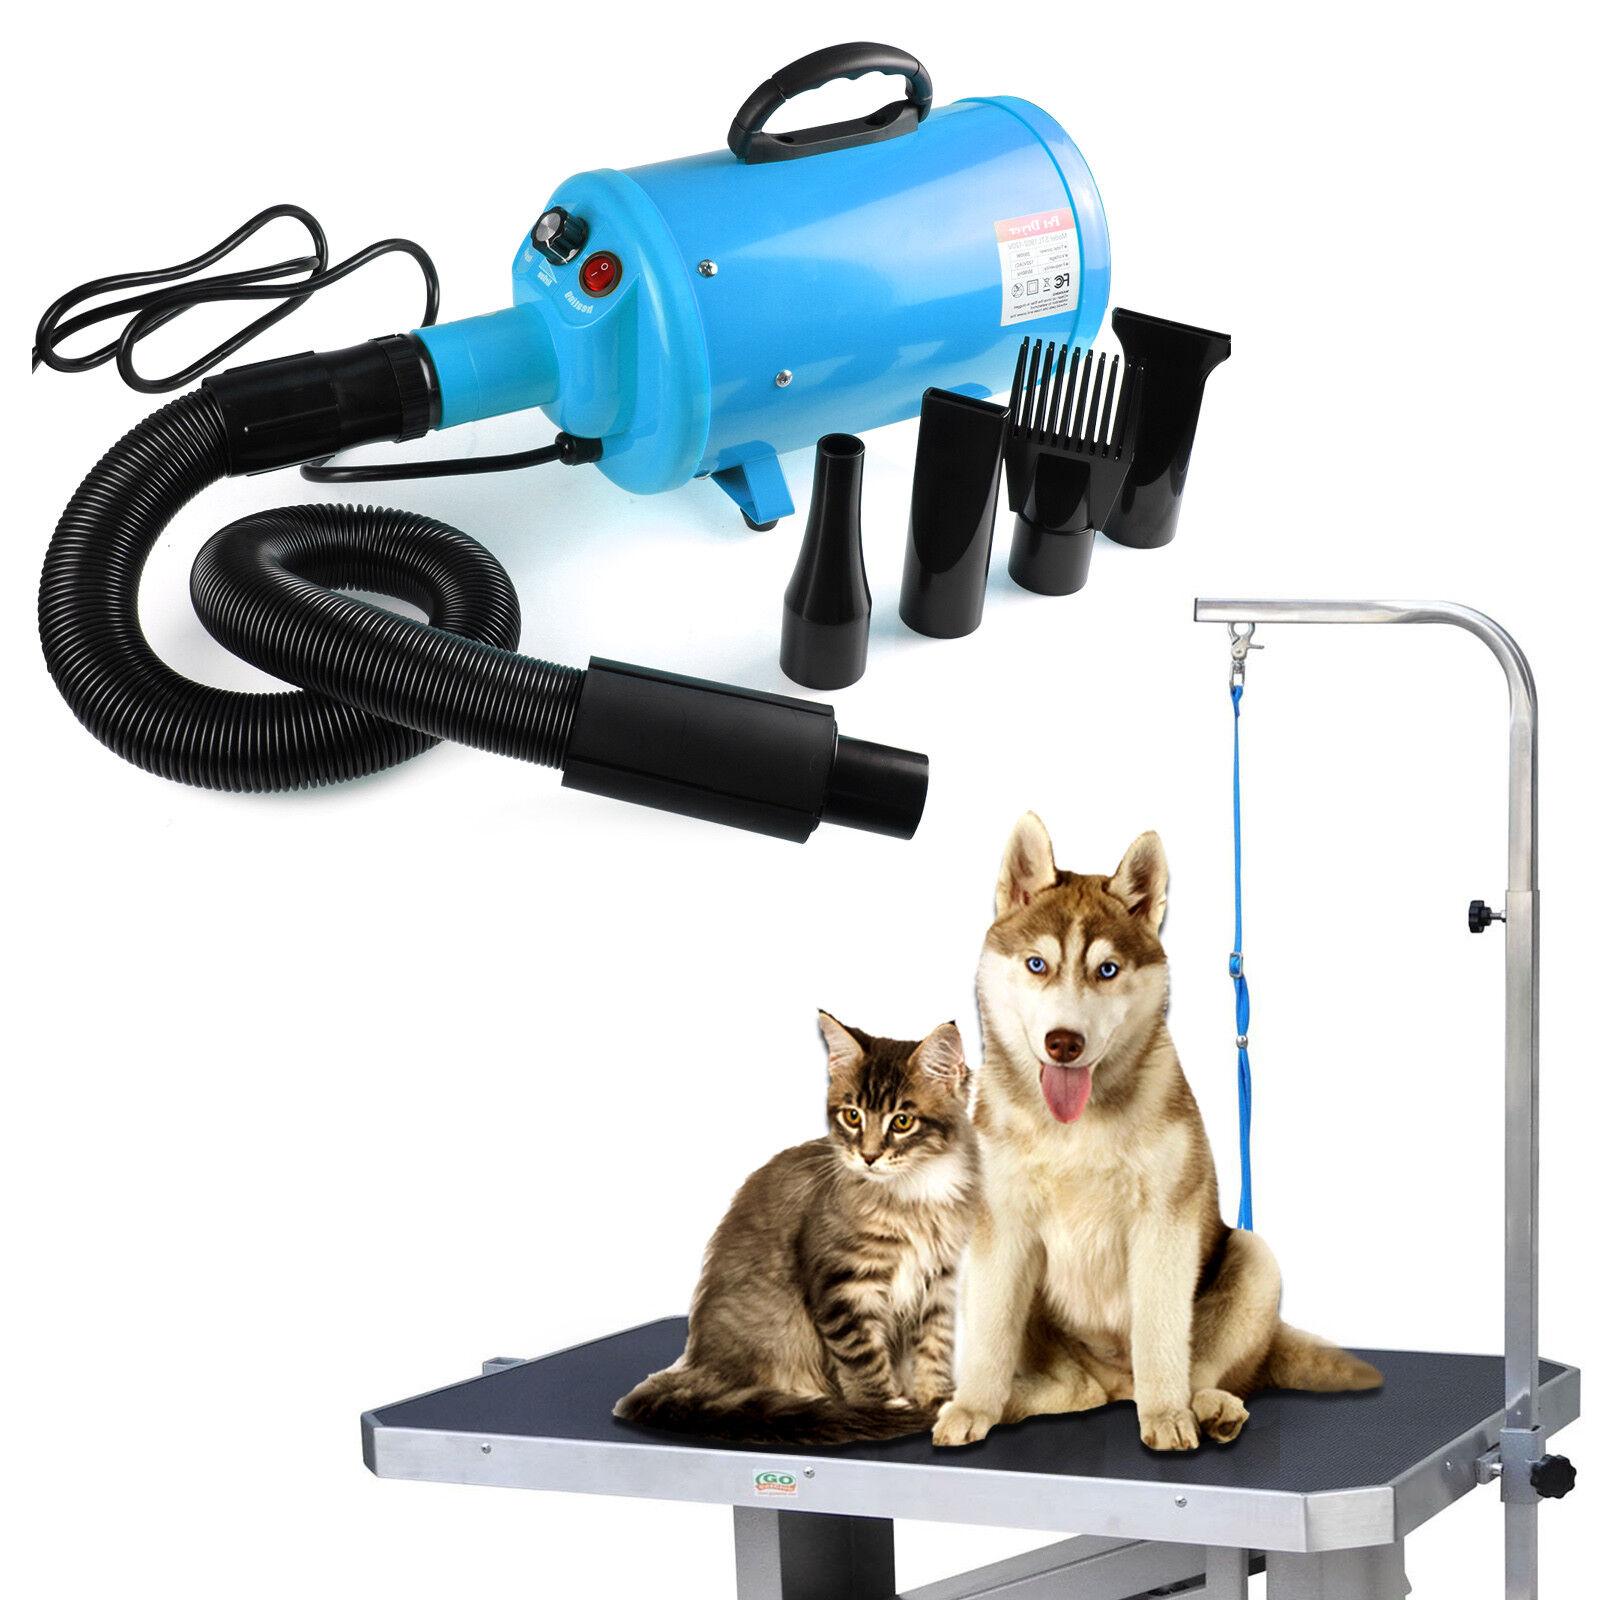 2200W Elektrischer Tierfön Haartrockner Hund Katze Haustiere Dryer Hundefön Föhn